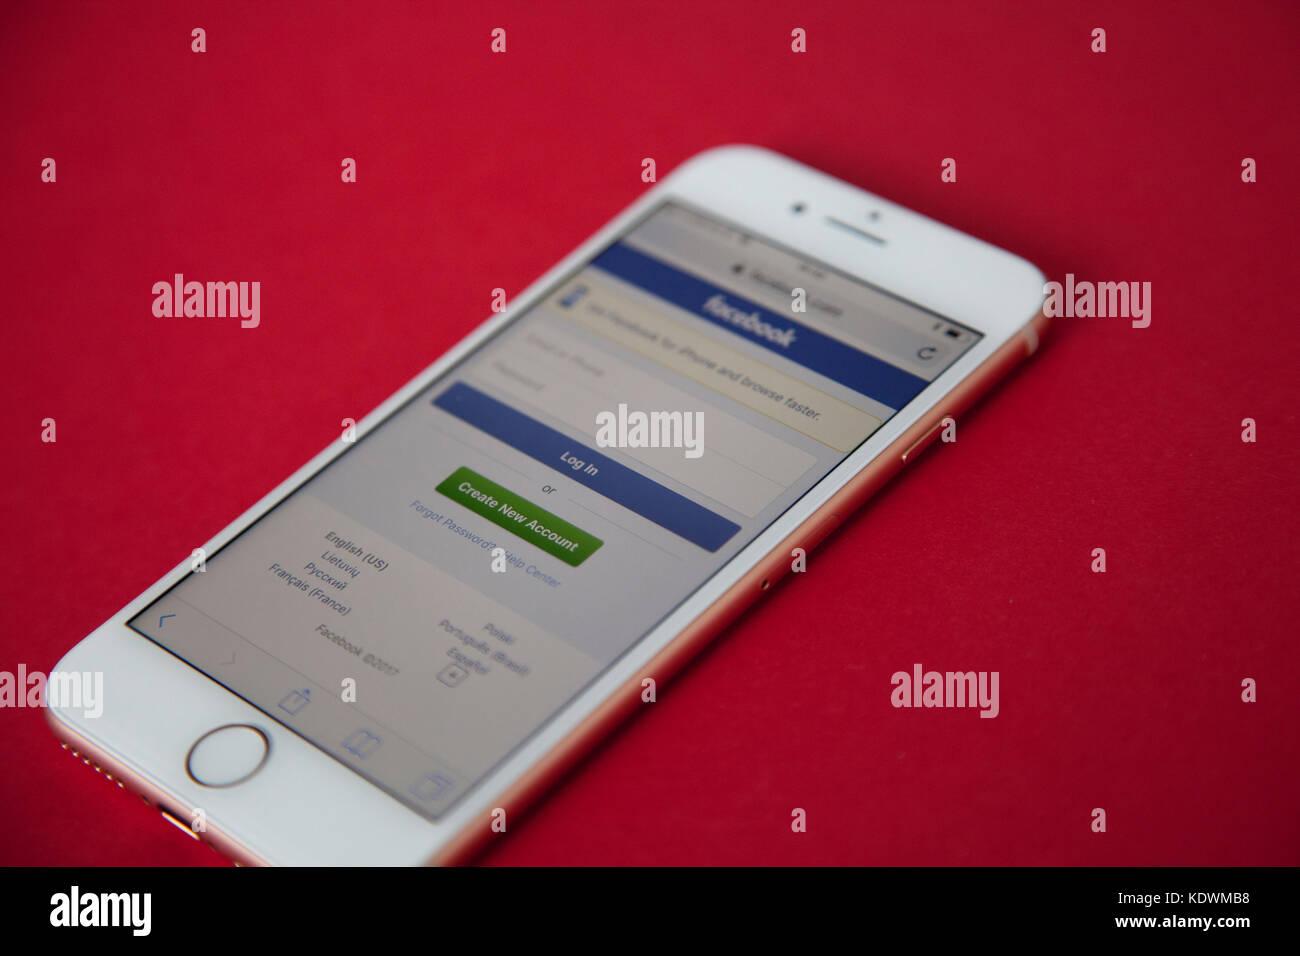 Apple Iphone 8 Modello Con Facebook Login Schermo Contro Un Rosso